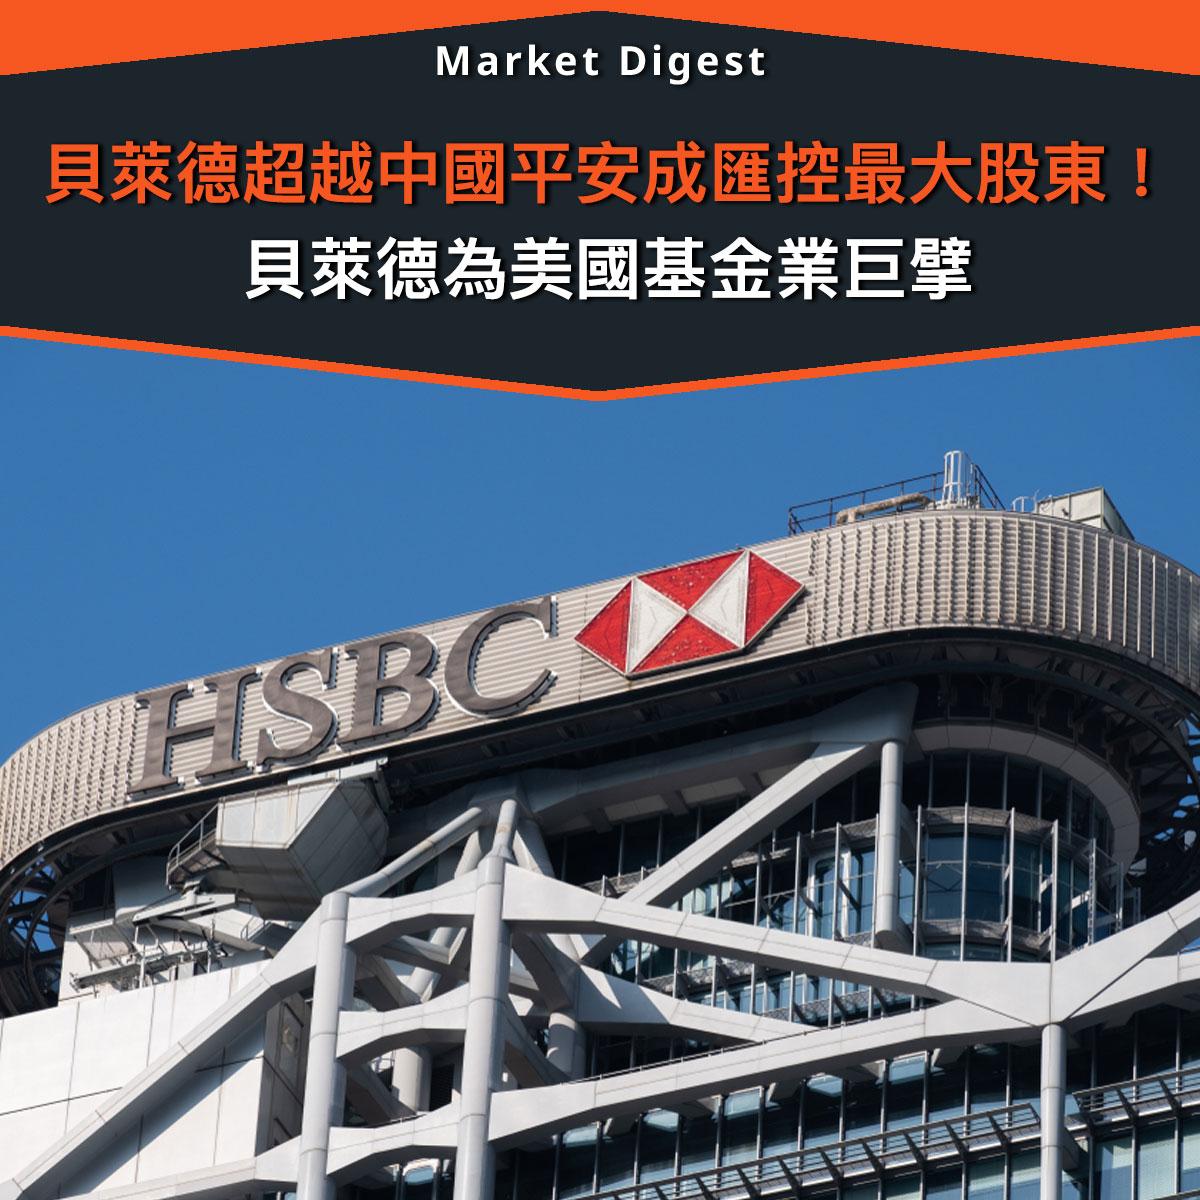 【市場熱話】貝萊德超越中國平安成匯控最大股東! 貝萊德為美國基金業巨擘